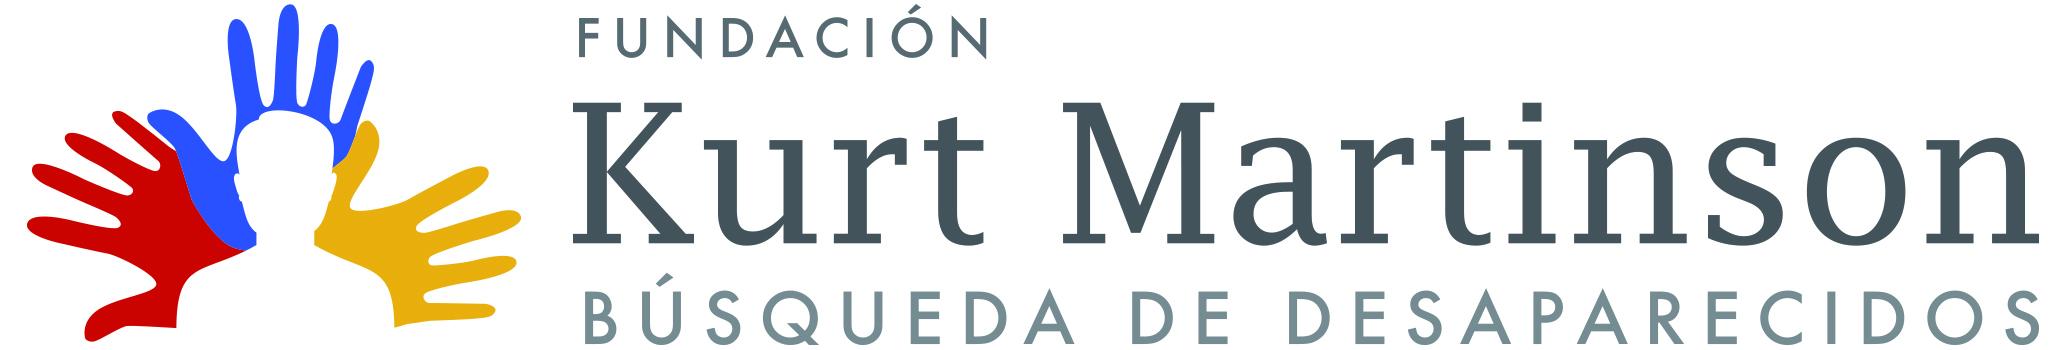 Fundación Kurt Martinson